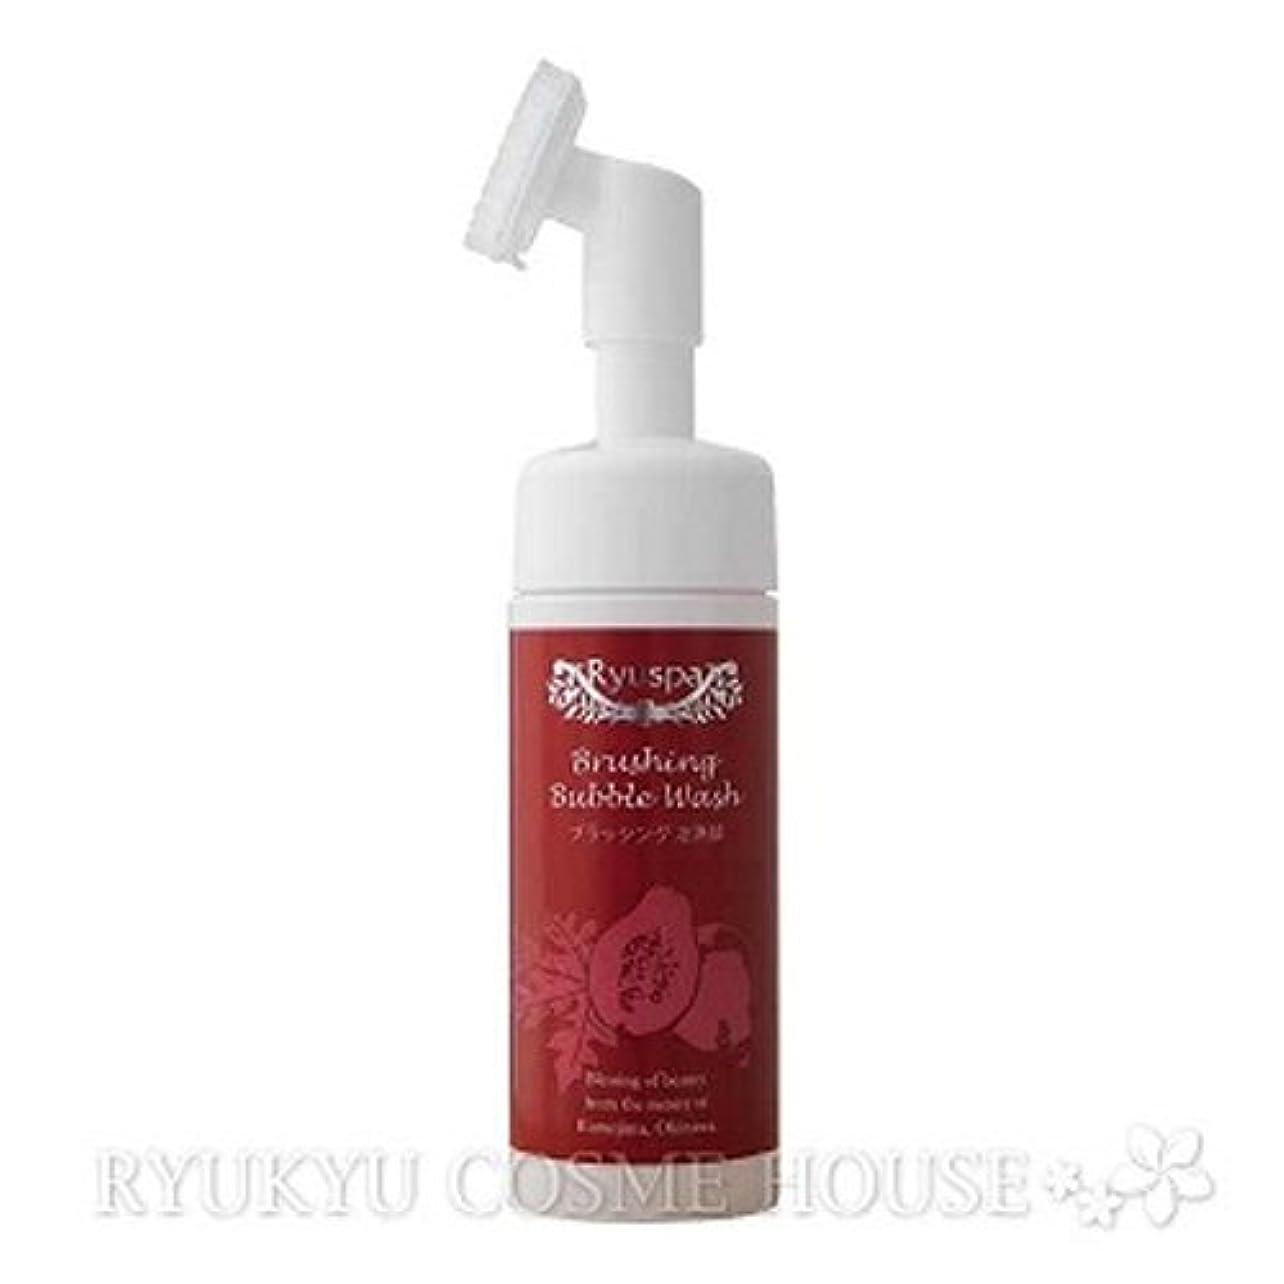 パン気配りのある同盟Ryuspa リュウスパ 洗顔料 パパイン酵素 ブラッシング泡洗顔 150ml